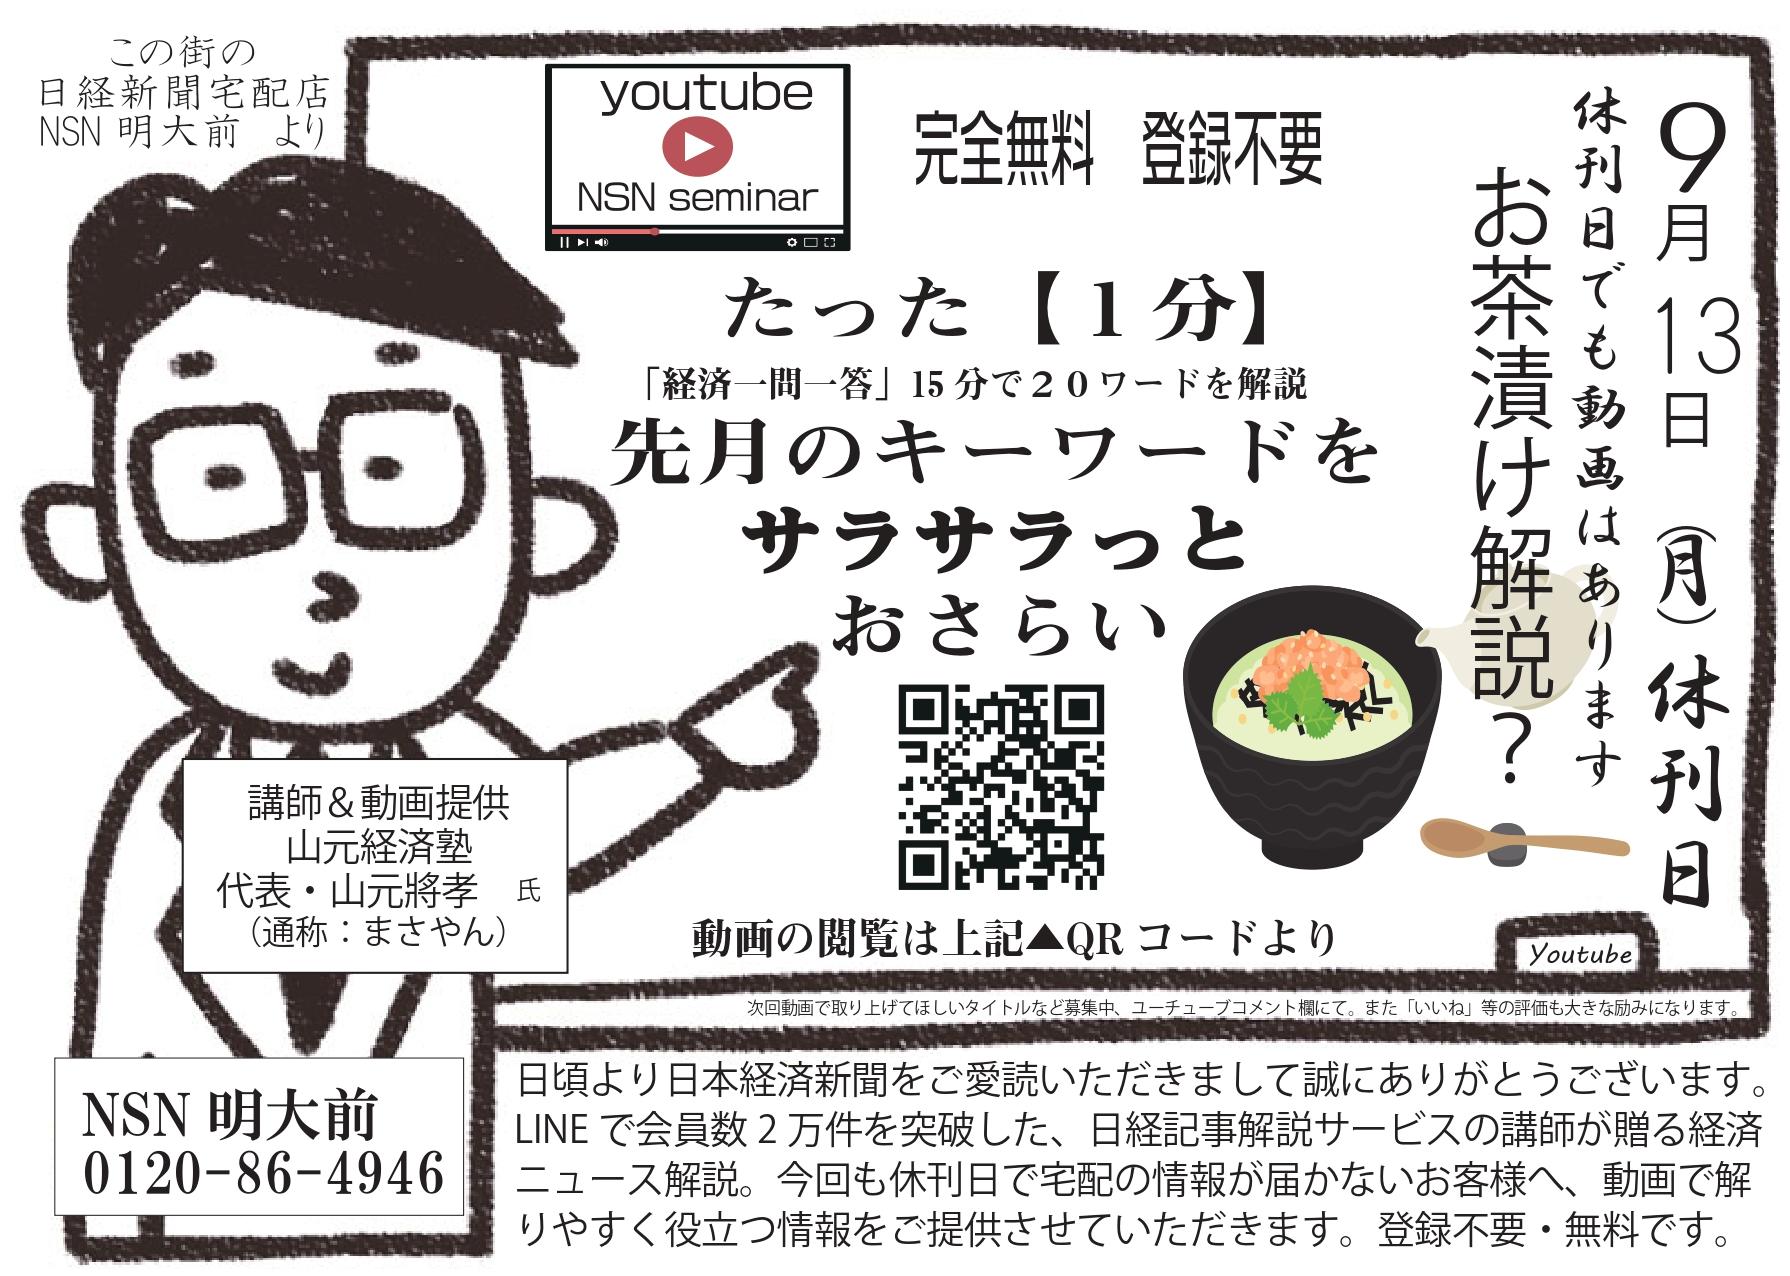 9/13(月) 新聞休刊日 休刊日には動画を見よう!